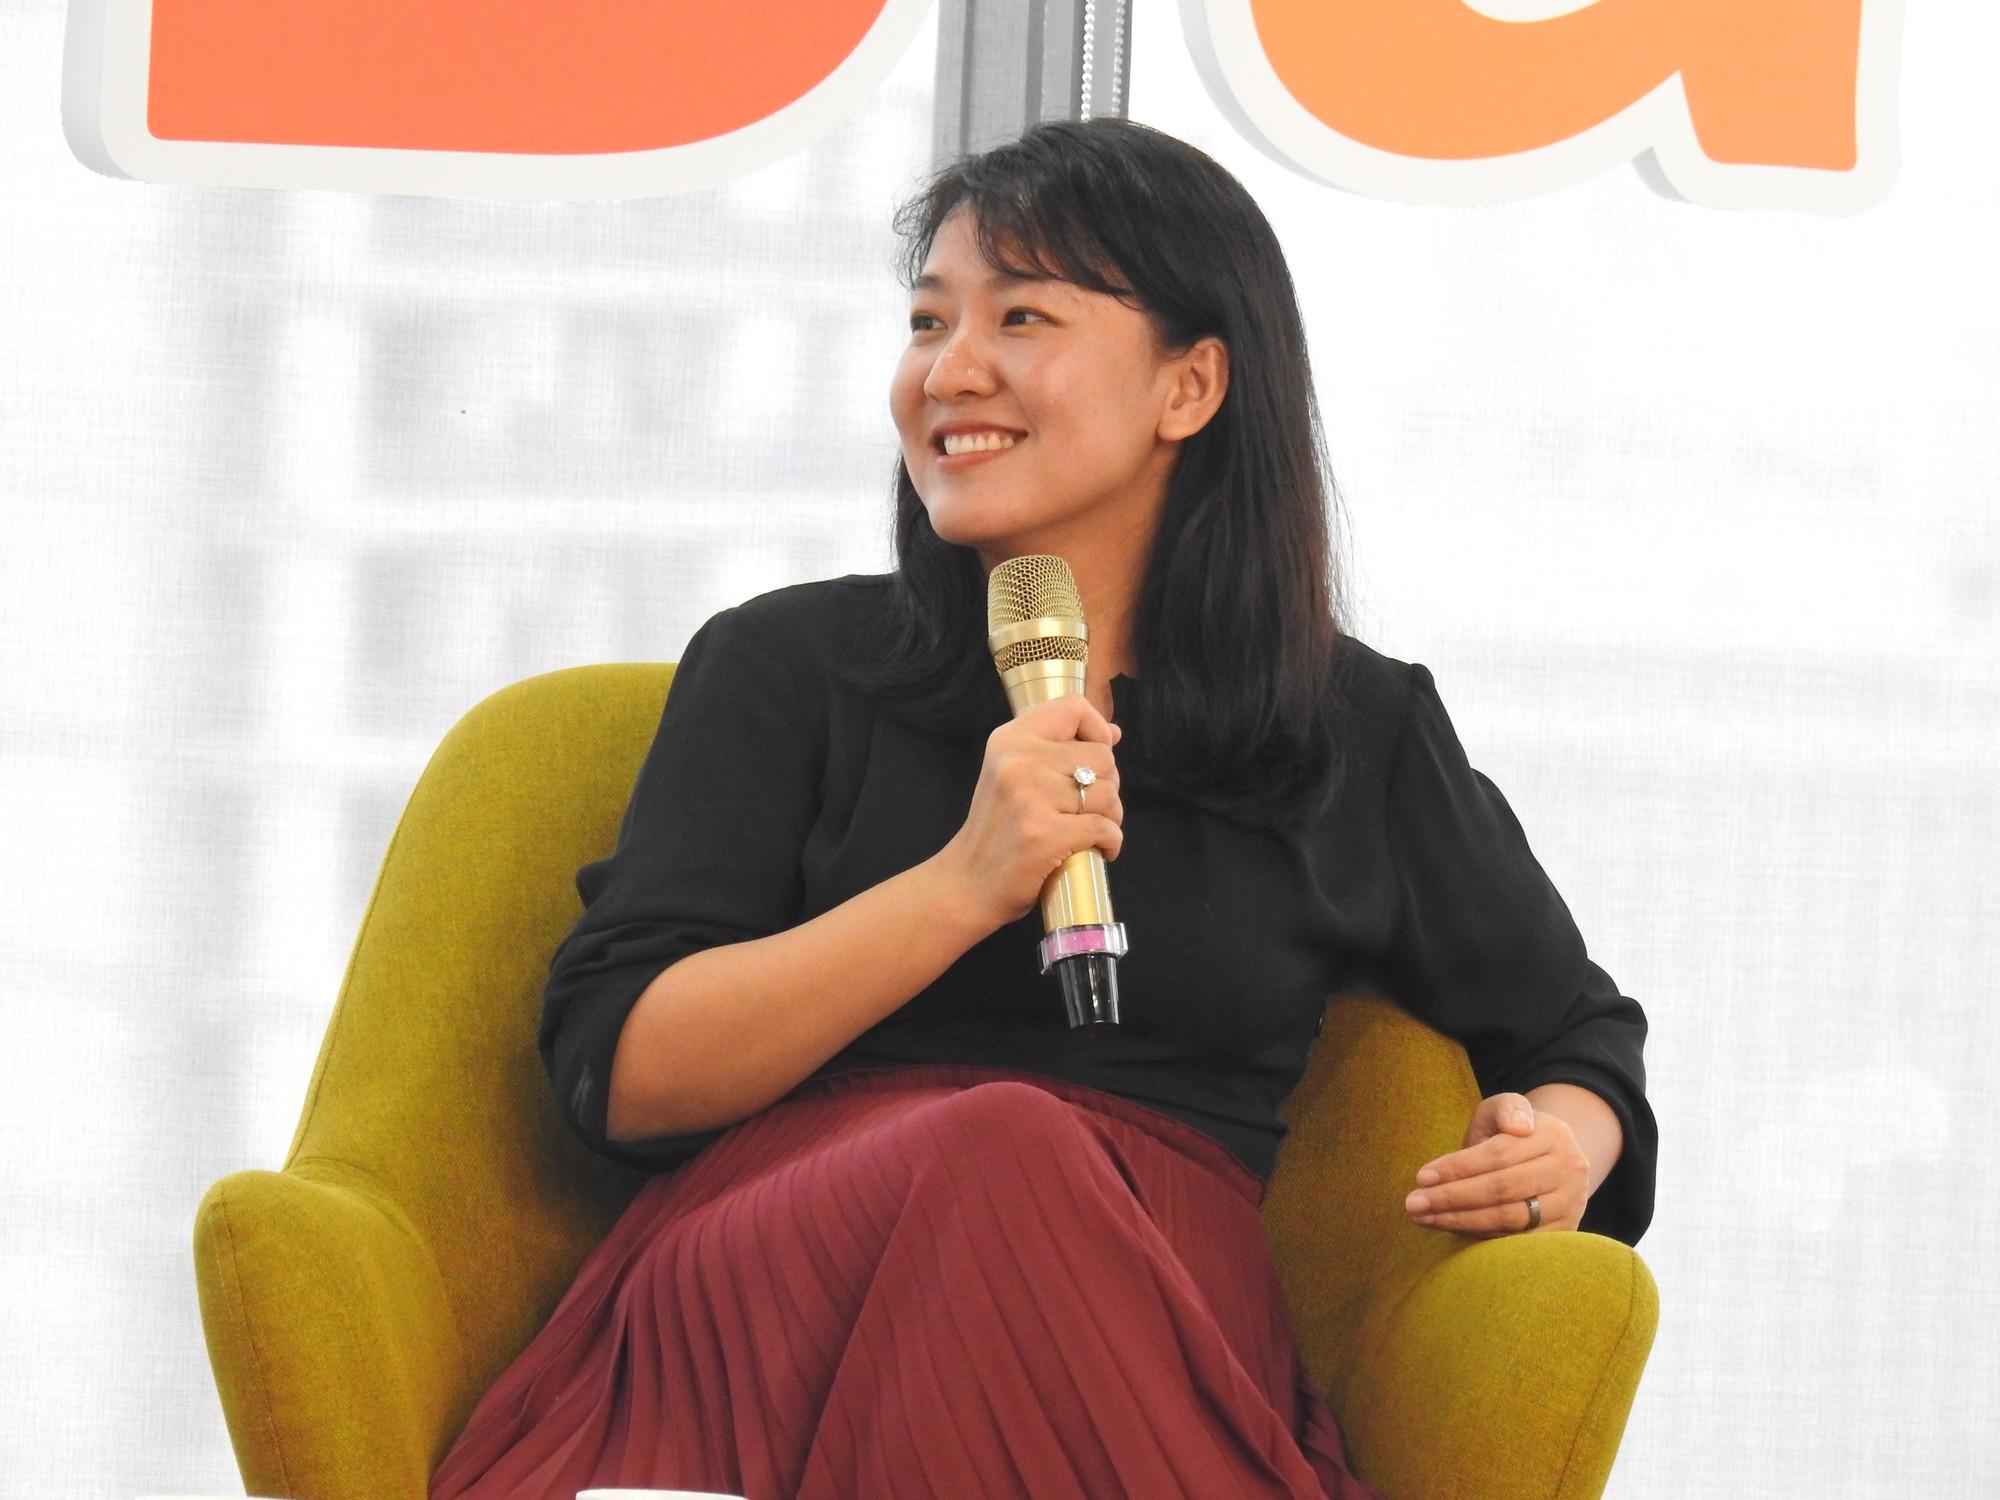 Bà Lê Diệp Kiều Trang kể chuyện bán Misfit, rời Facebook ... và đầu quân  cho Go-Viet